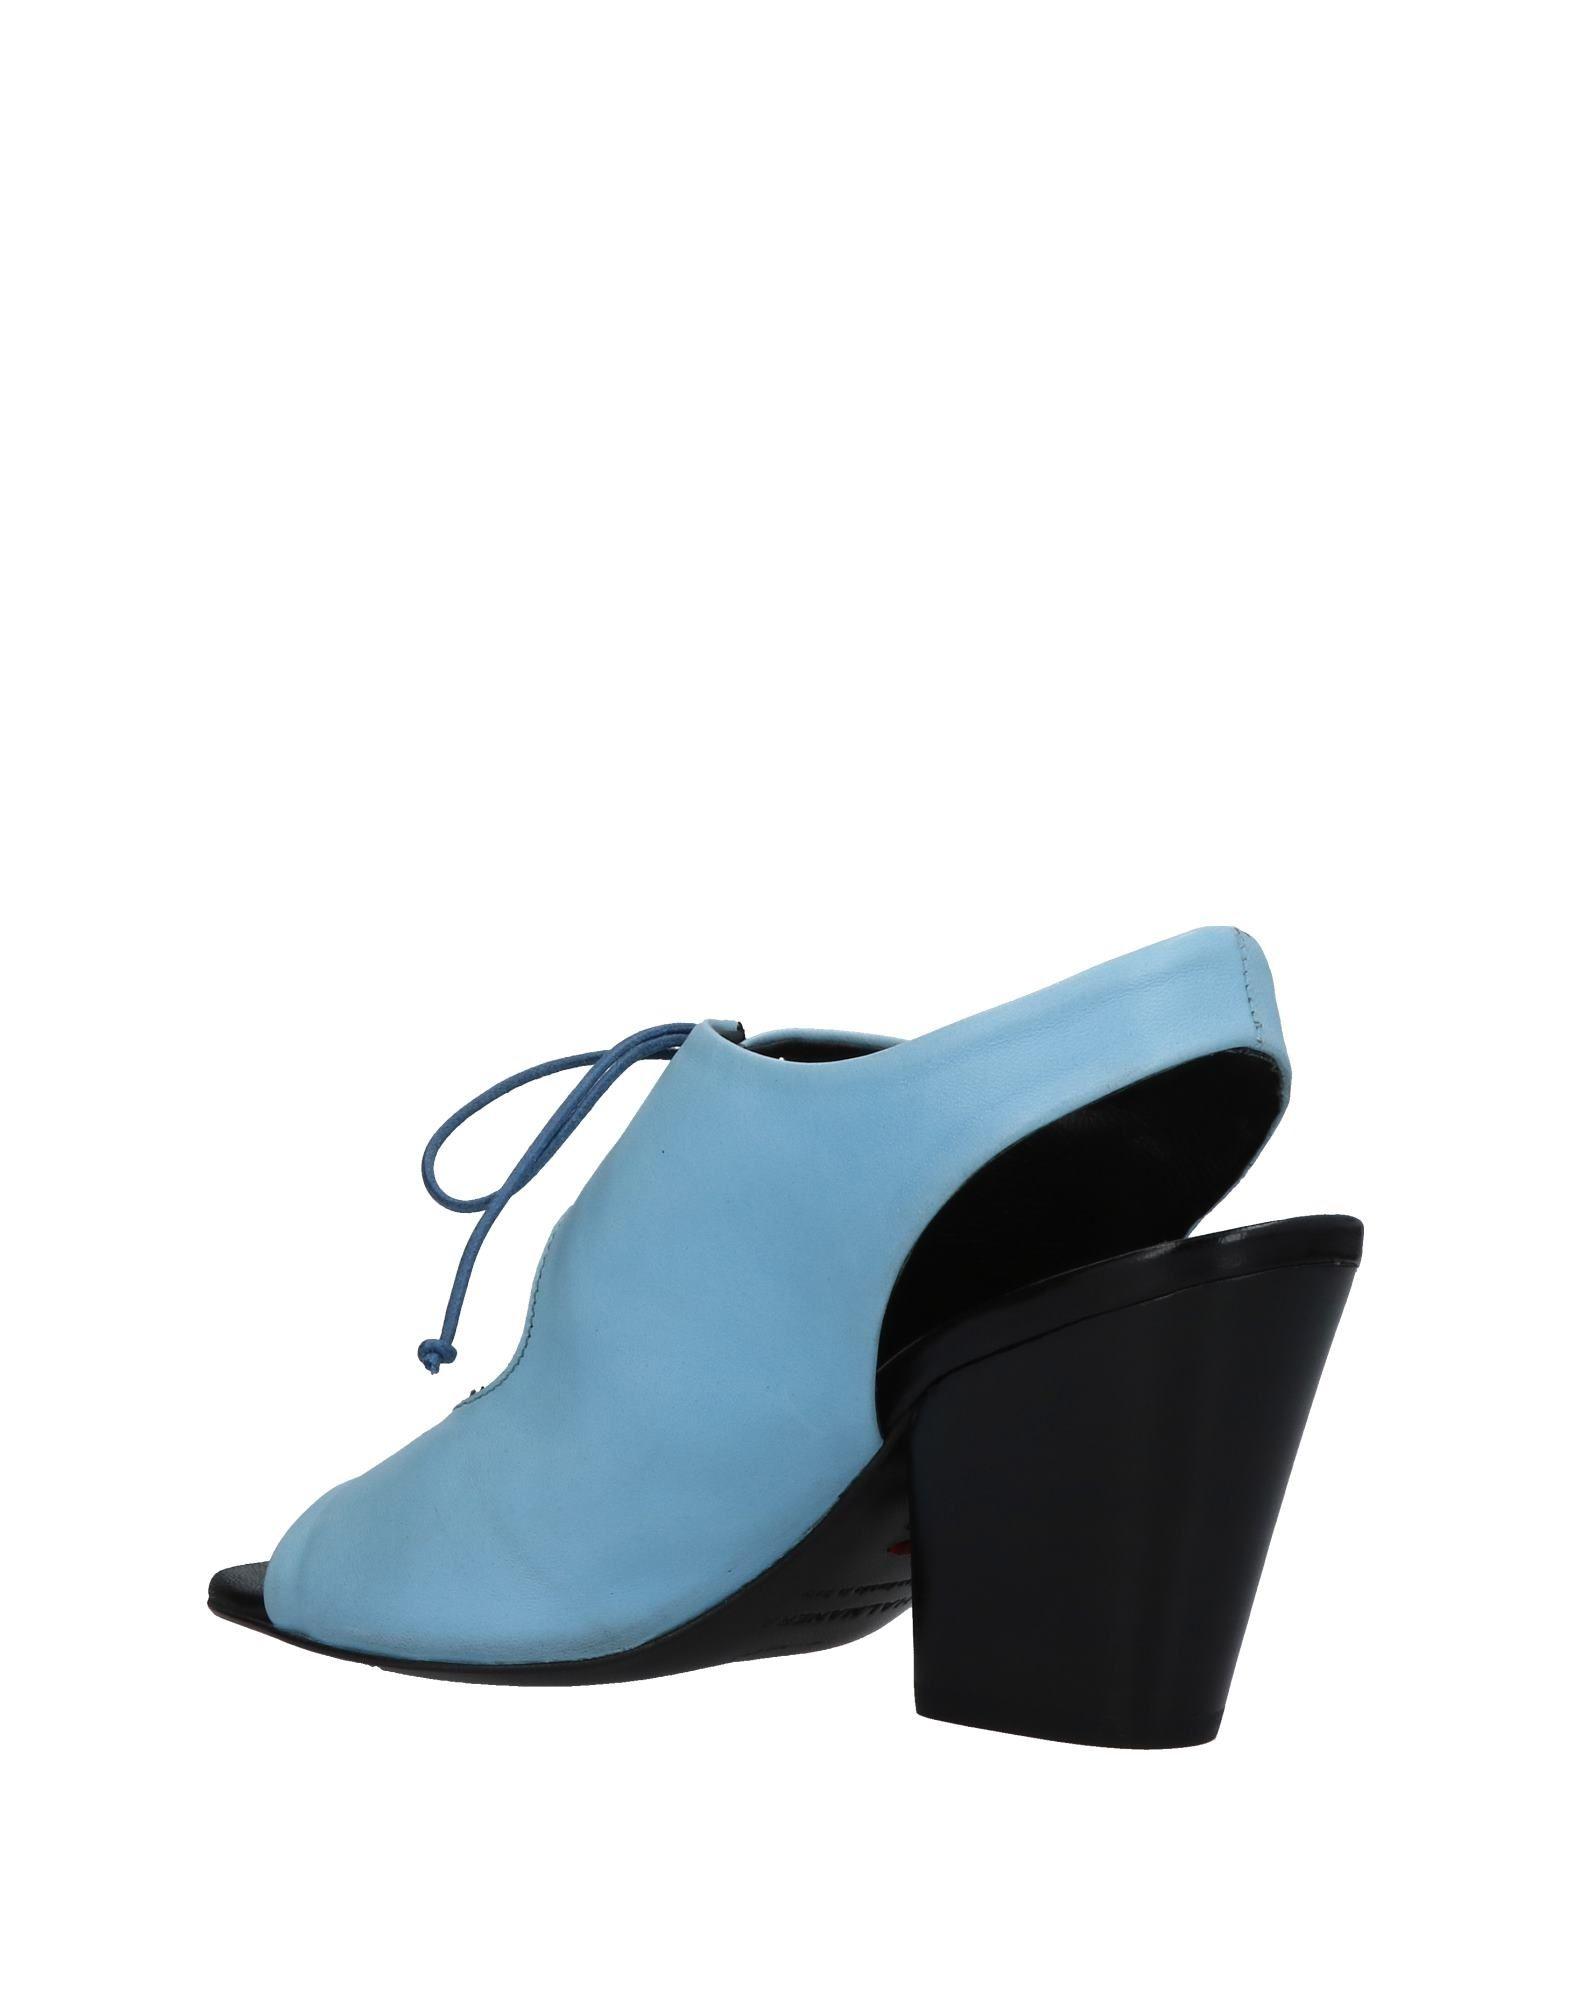 Haltbare Mode billige Schuhe Halmanera Sandalen Damen  11383140HB Heiße Schuhe